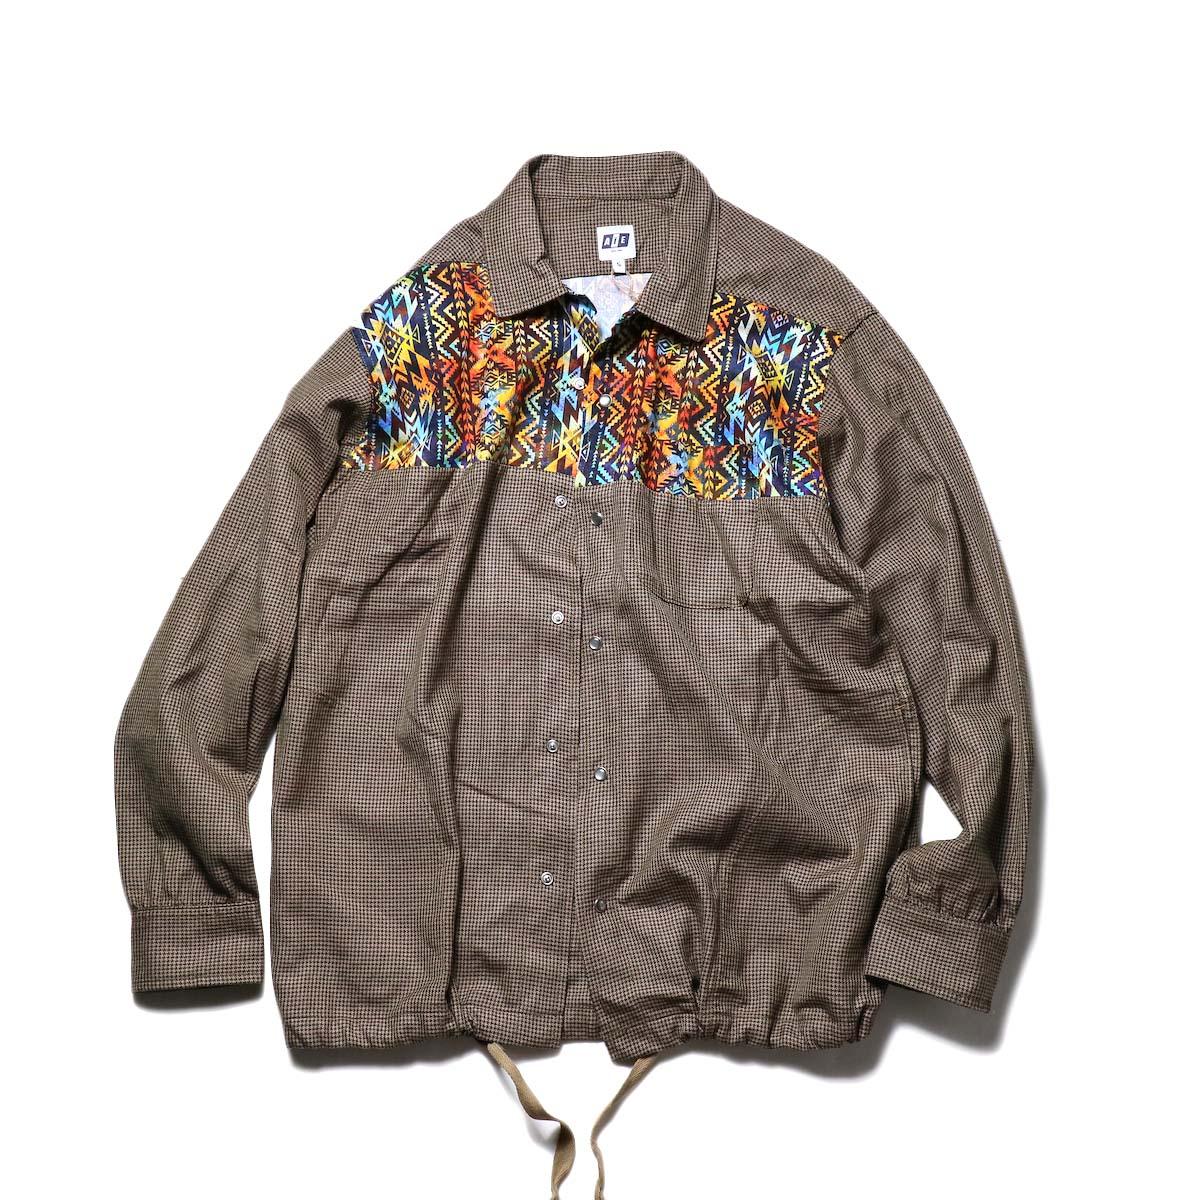 AiE / Coach Shirt -Wool Check (Brown)